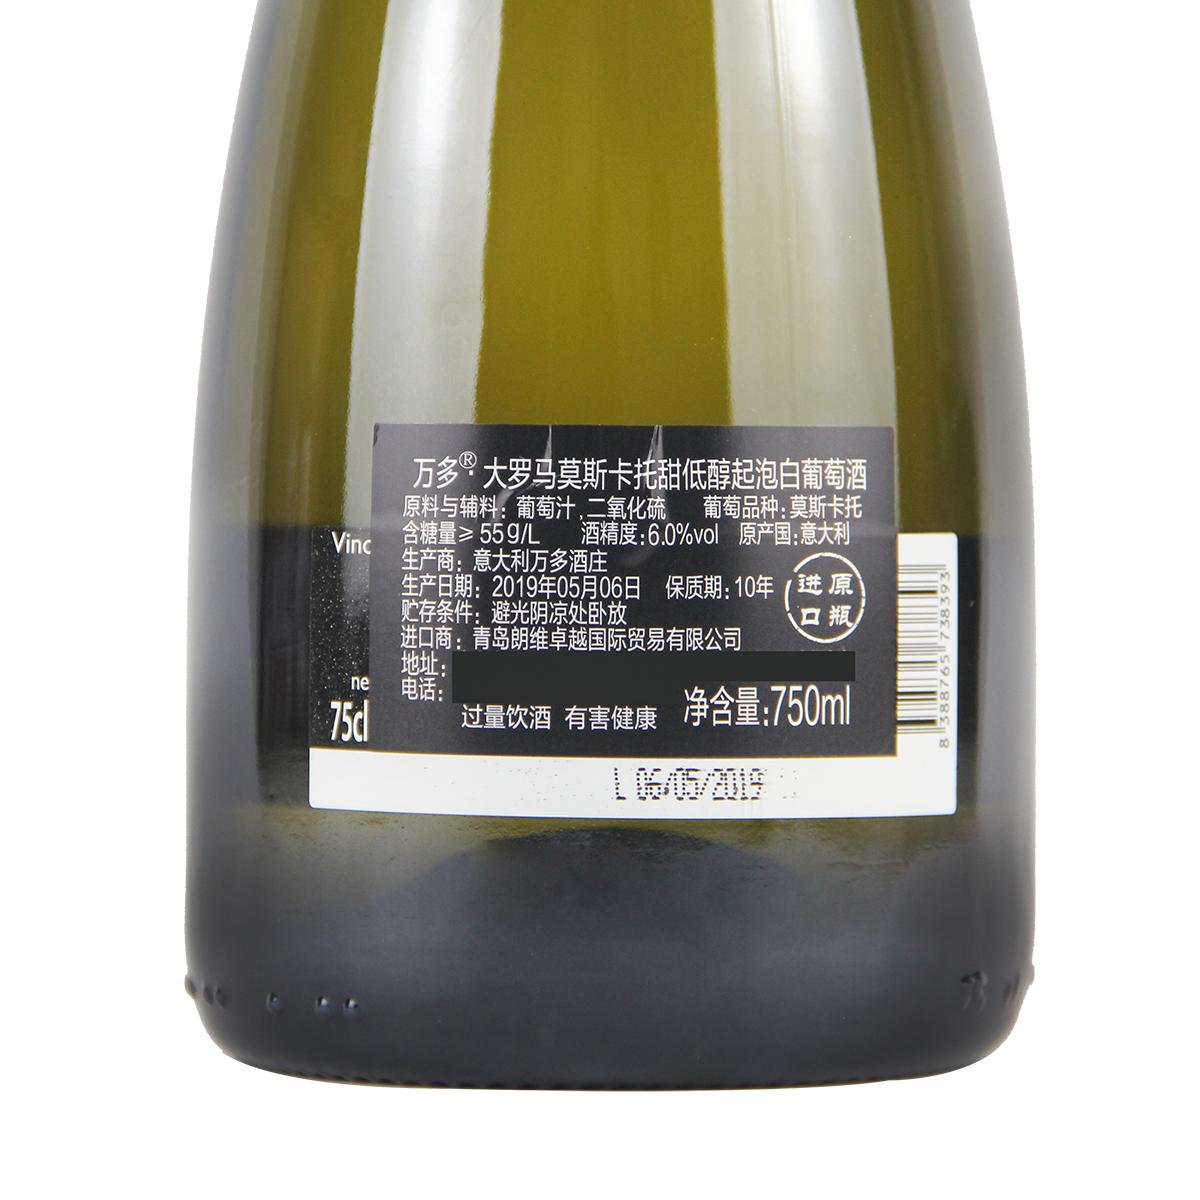 意大利艾米利亚万多酒庄大罗马莫斯卡托VDT甜起泡白葡萄酒